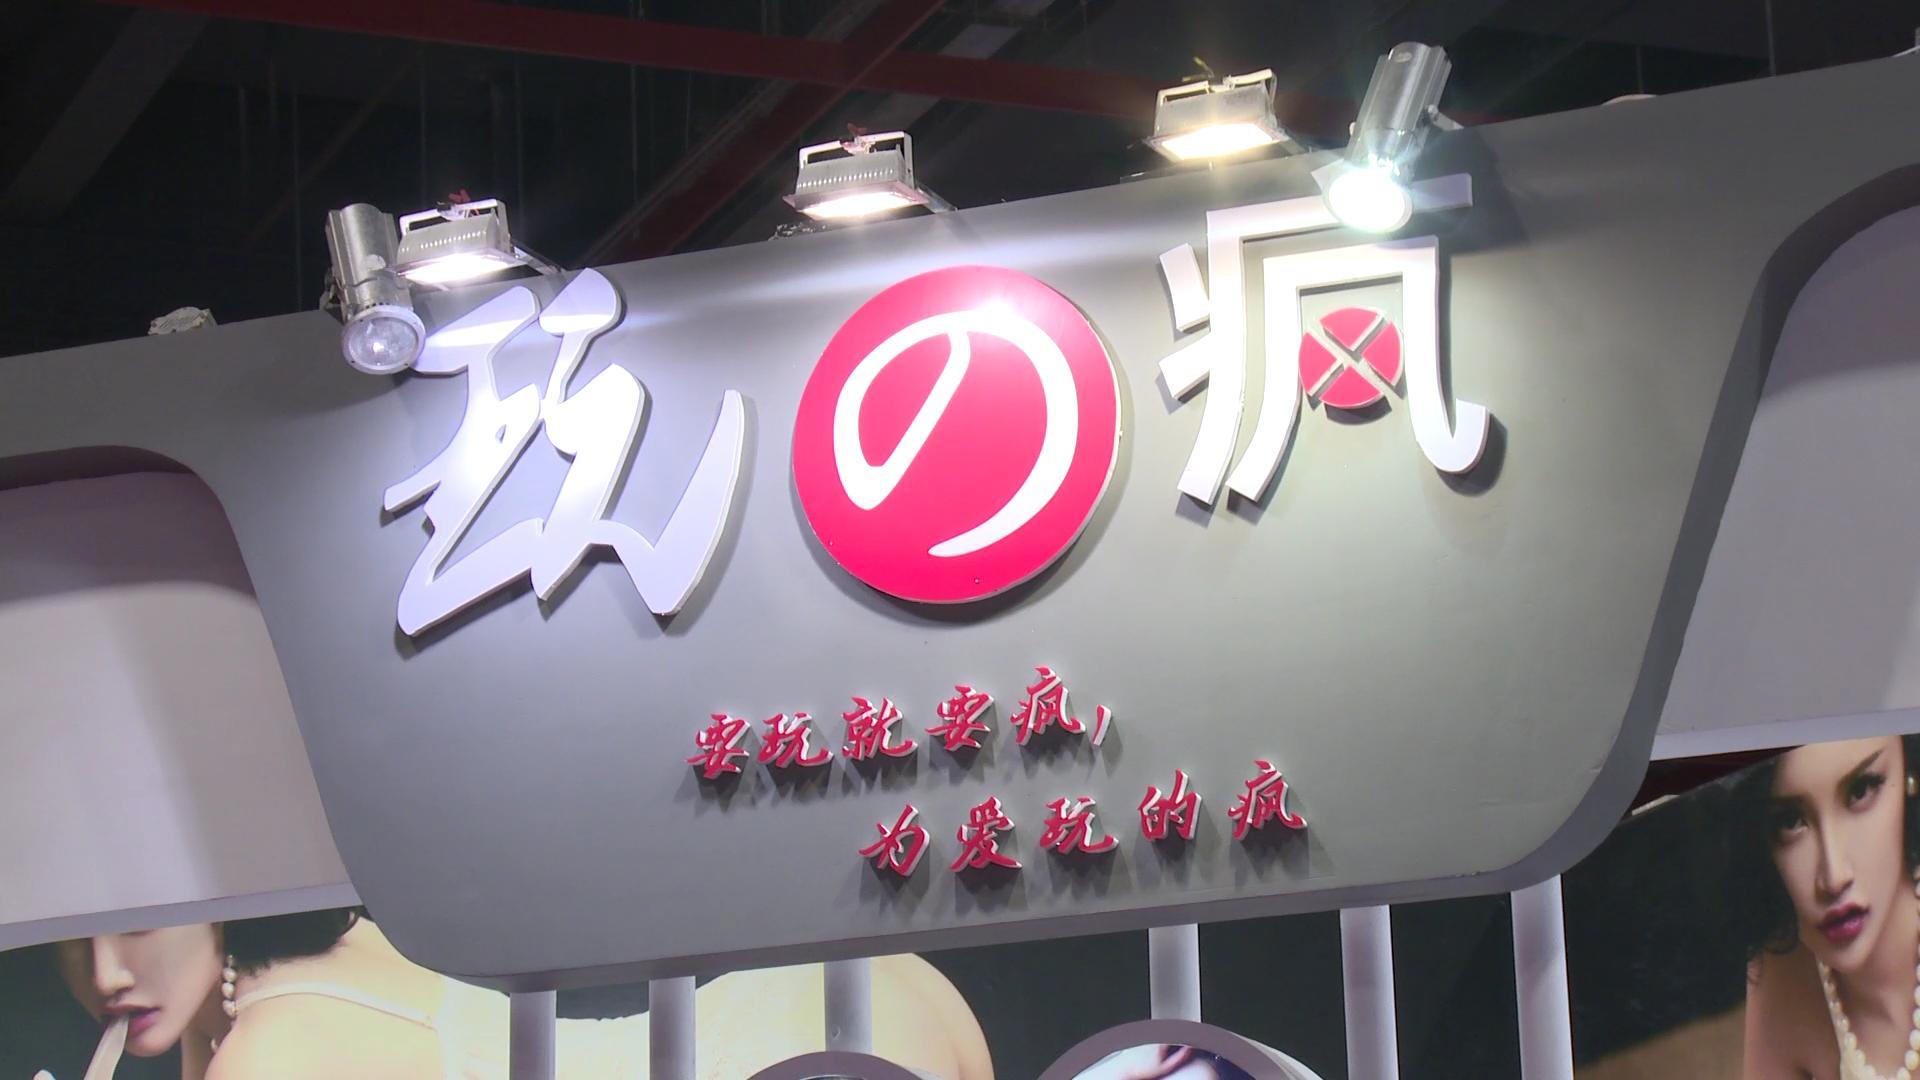 万得福(玩の疯)成人用品加盟视频采访――2016广州性文化节性商专访图片2